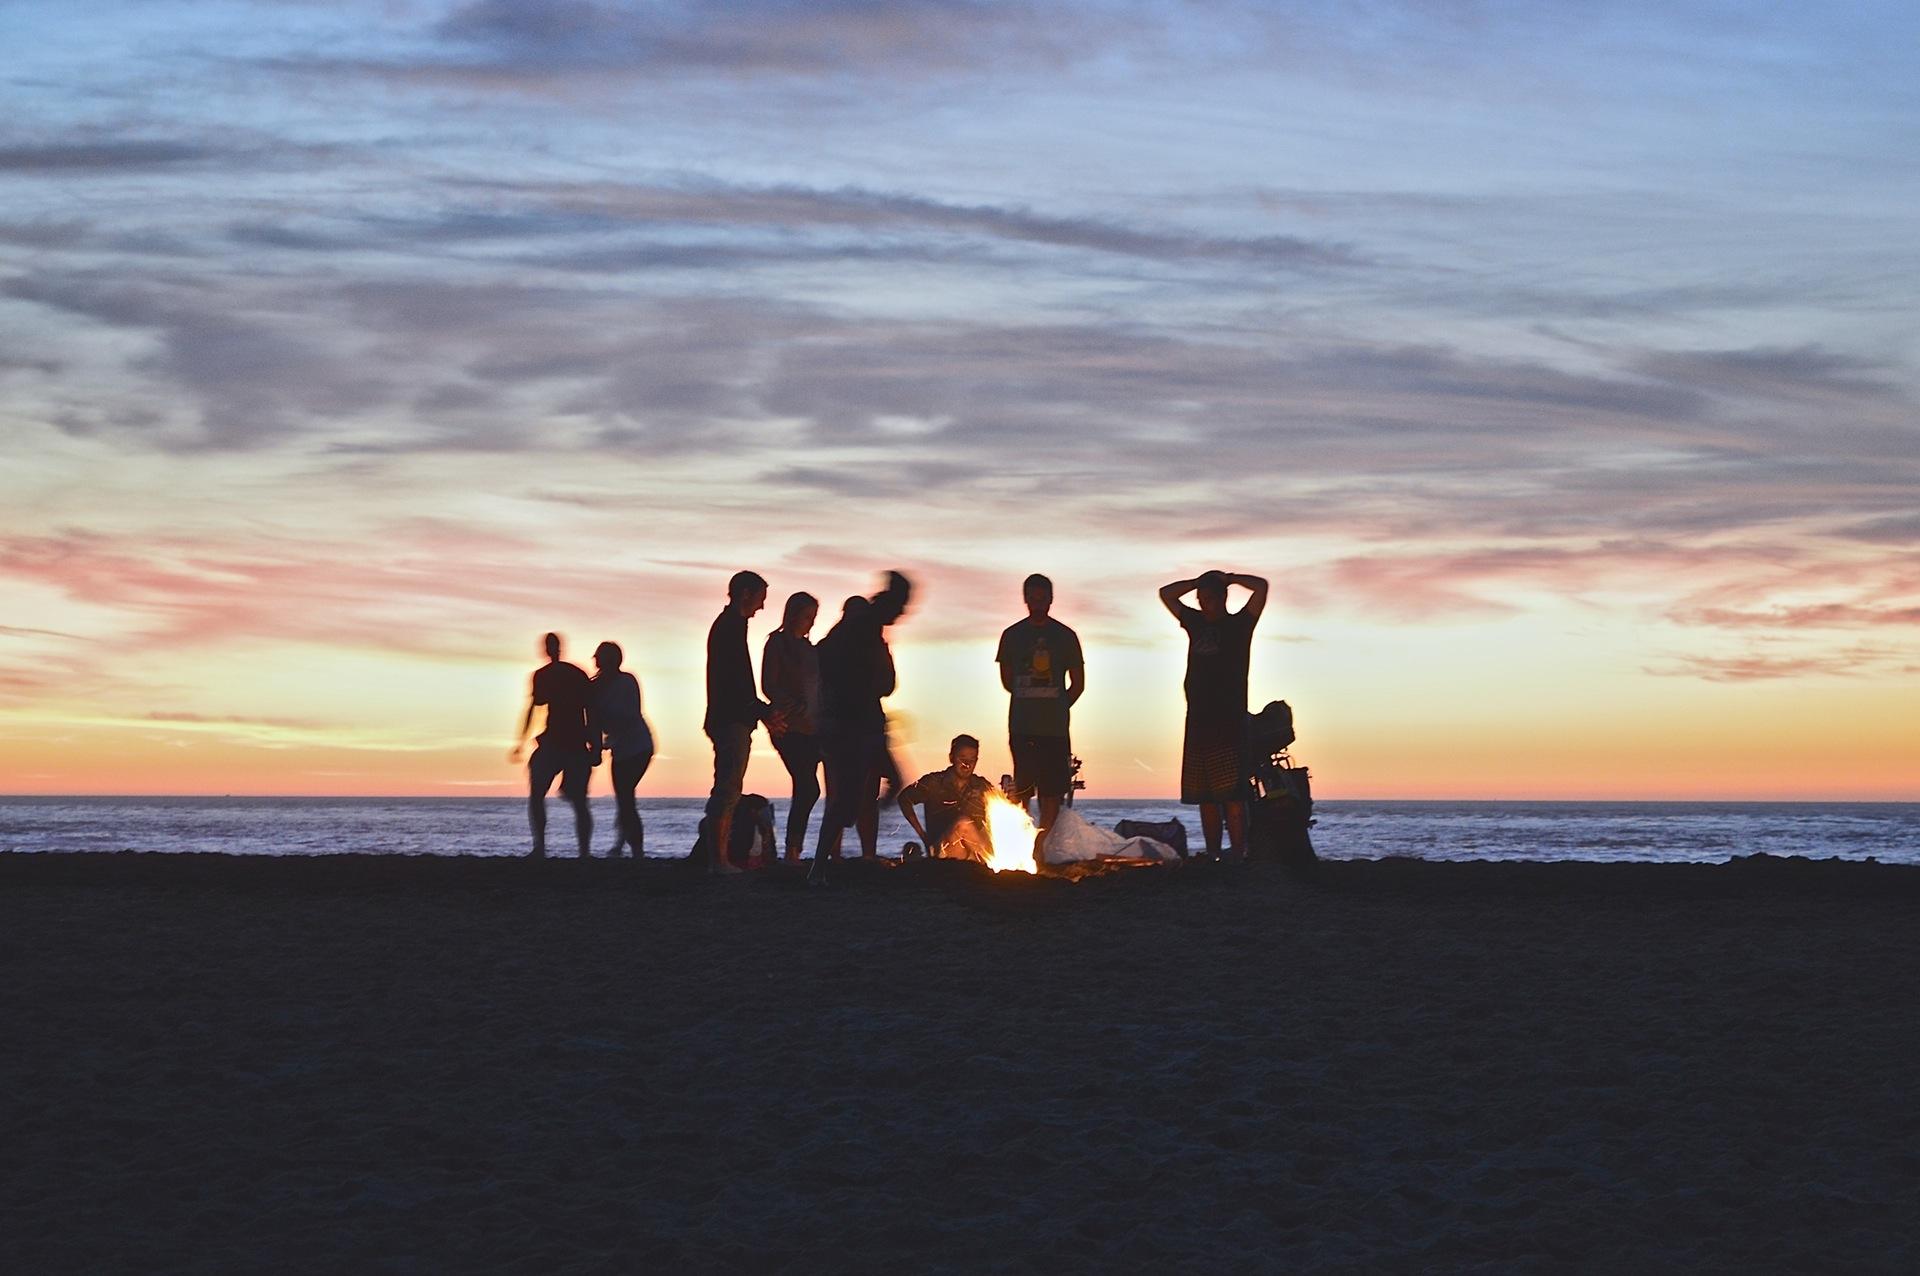 Praia, festa, amigos, Verão, pessoas - Papéis de parede HD - Professor-falken.com